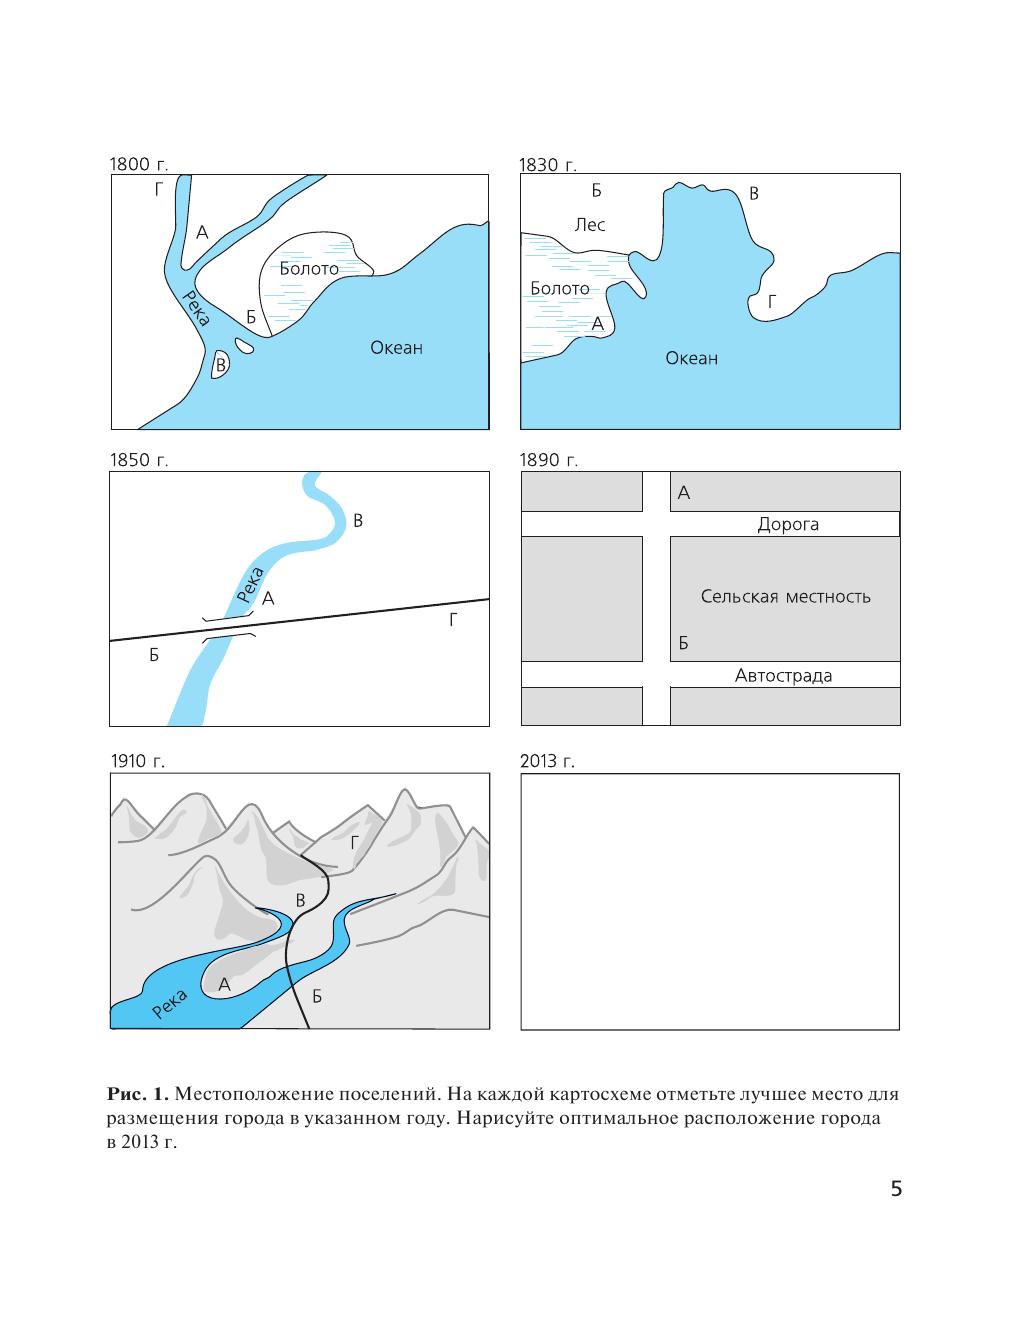 Гдз по рабочей тетради географии прфильный уровень10 класс холина